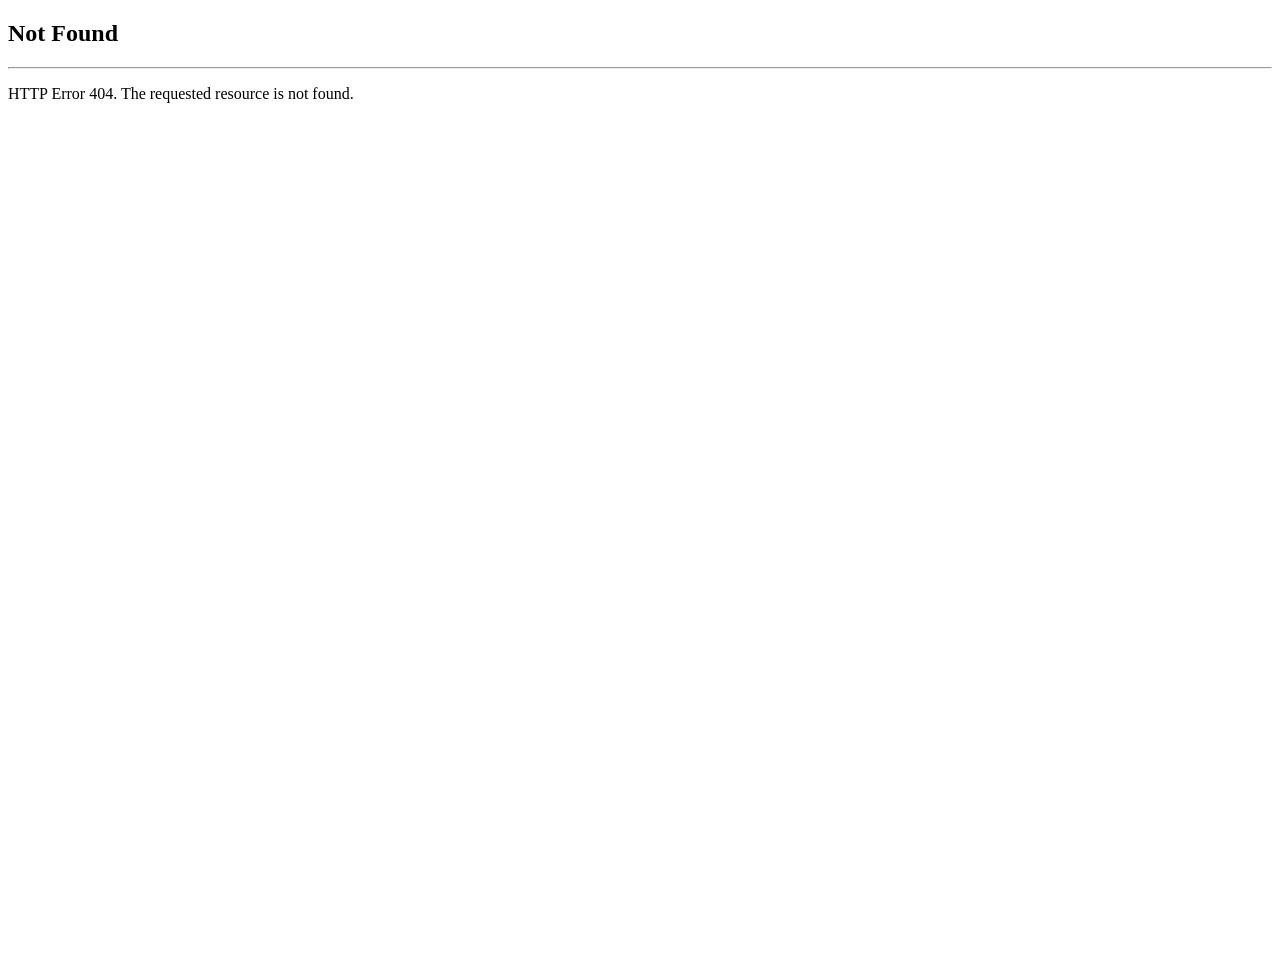 【轉知】中華民國擊劍協會辦理「110年全國第二次擊劍錦標賽」競賽規程